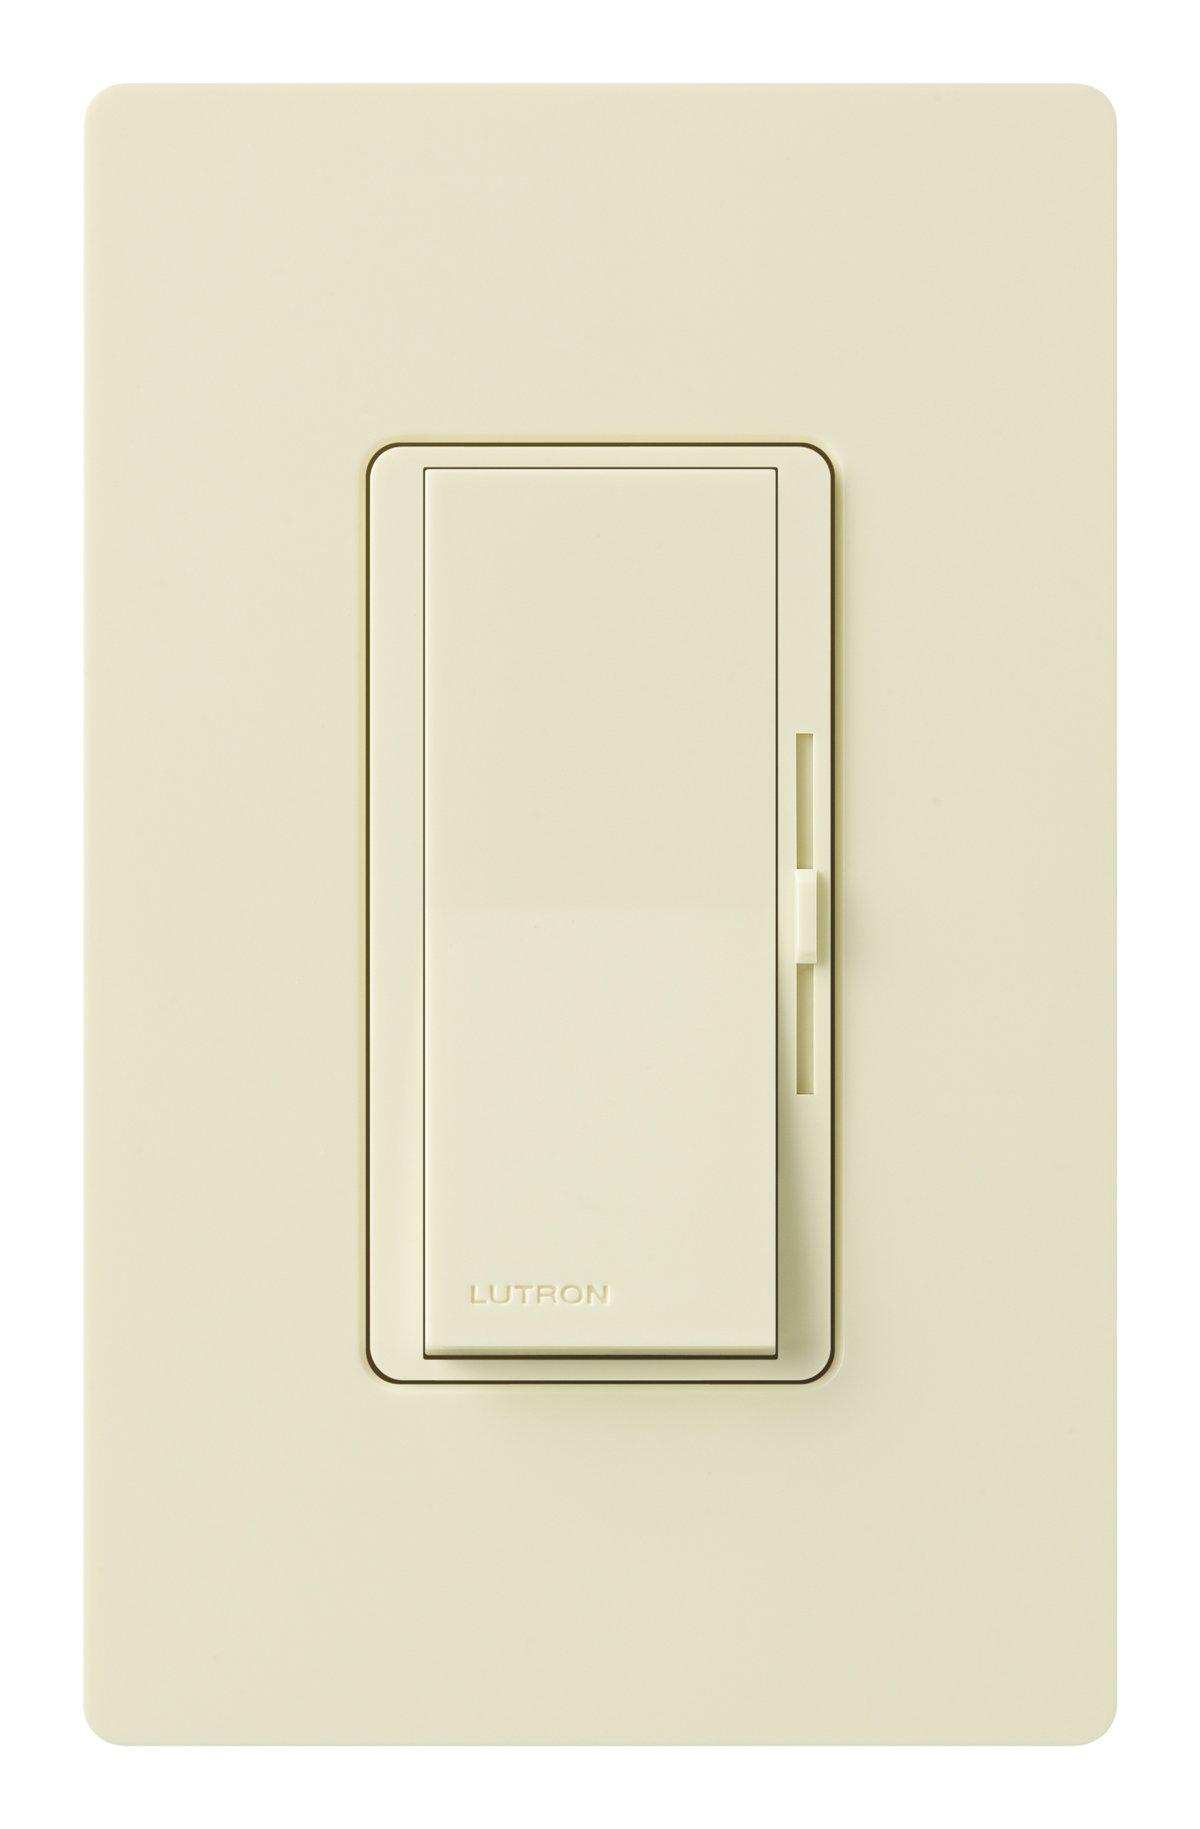 Lutron DVWFSQ-FH-AL Diva 1.5-Amp Single Pole 3-Way 3-Speed Fan Control, Almond